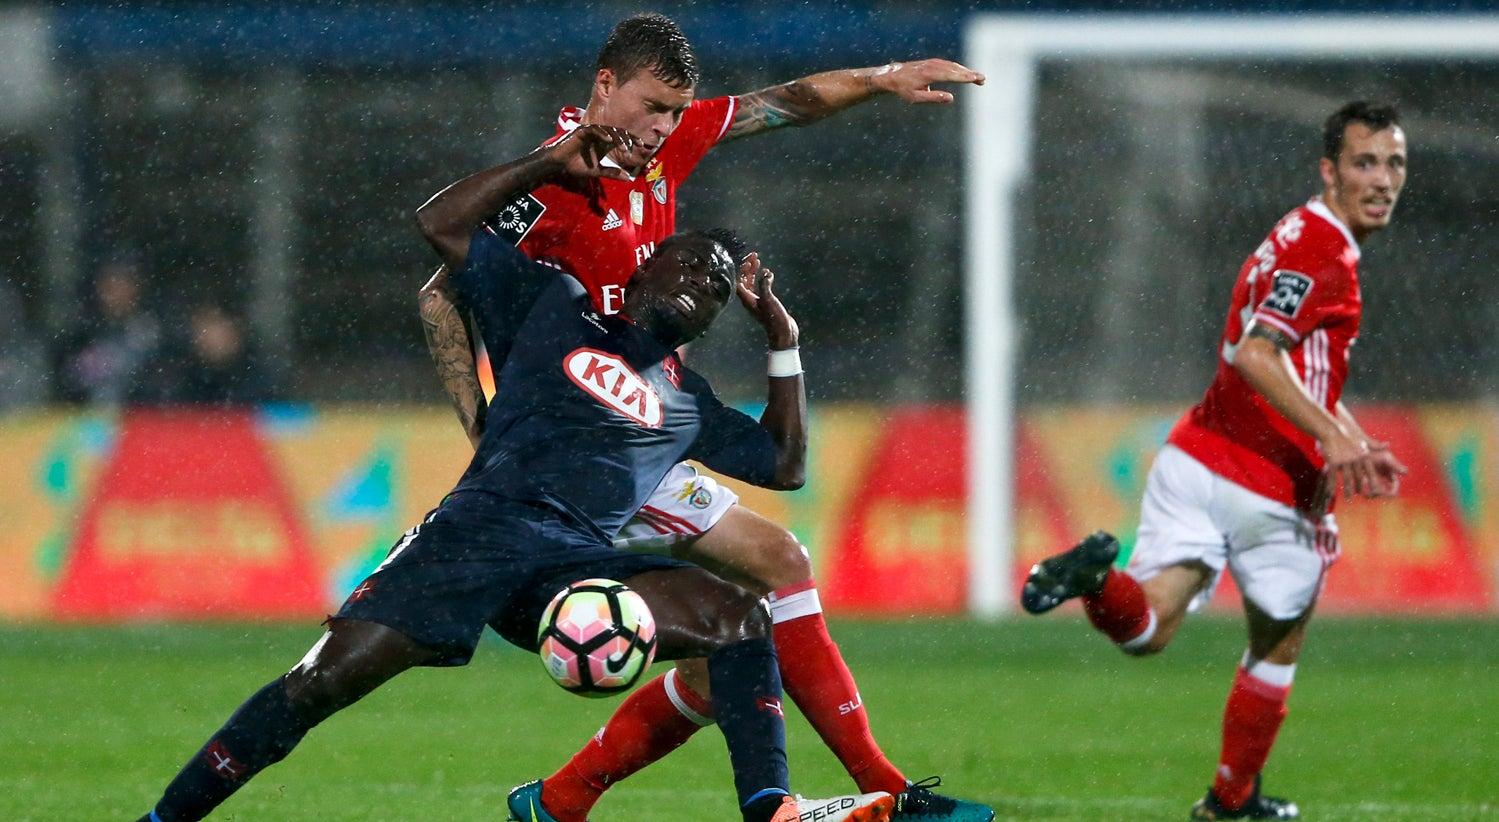 Benfica e FC Porto multados pelo comportamento dos adeptos